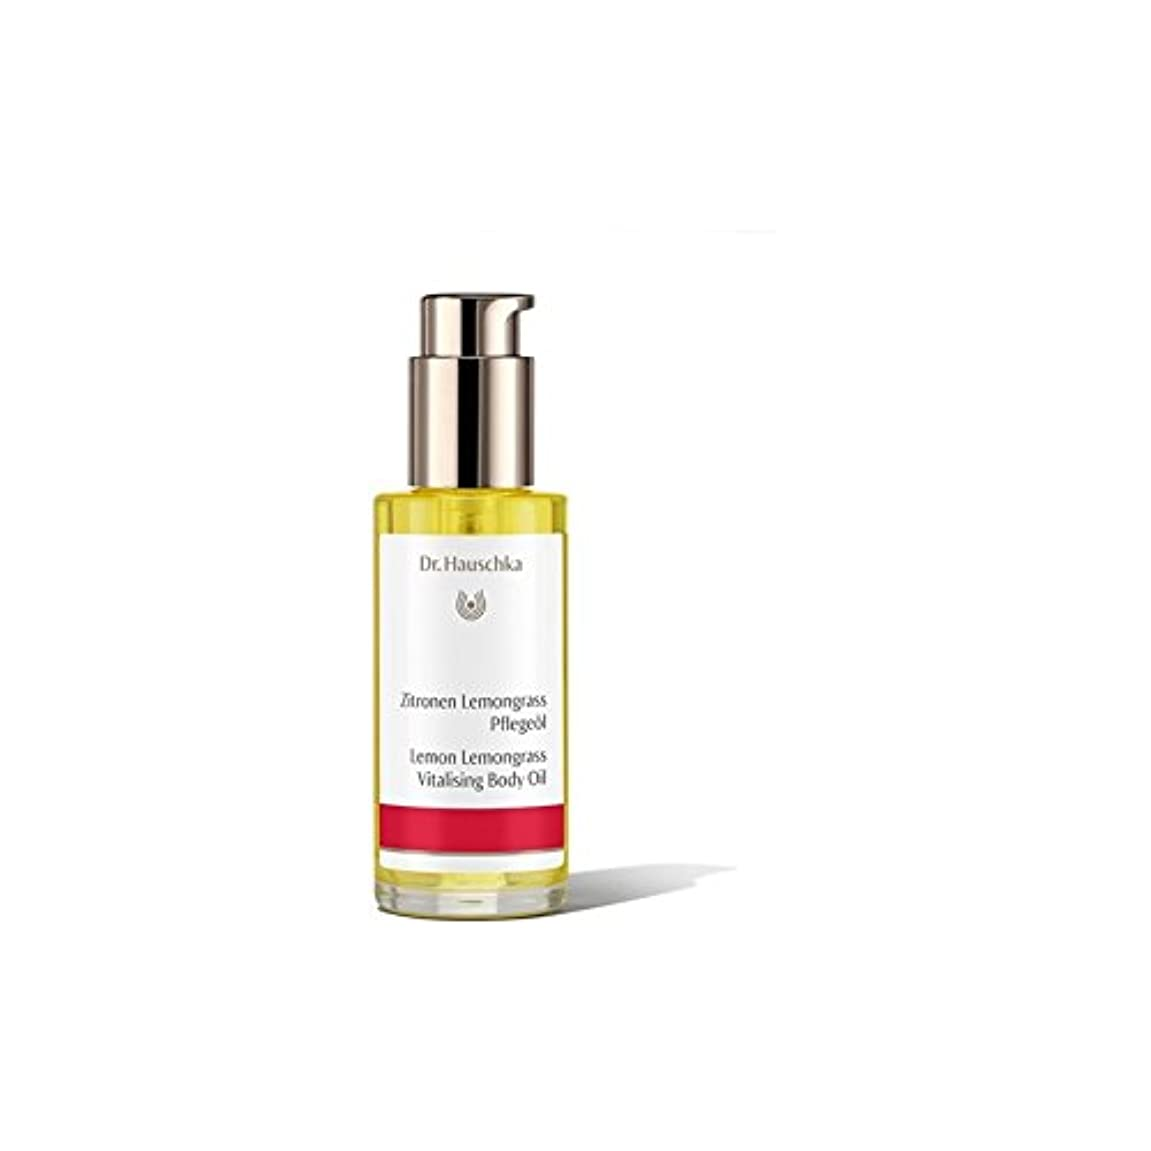 カーフ移住するコンセンサスハウシュカレモンレモングラスボディオイル(75ミリリットル) x2 - Dr. Hauschka Lemon Lemongrass Vitalising Body Oil (75ml) (Pack of 2) [並行輸入品]